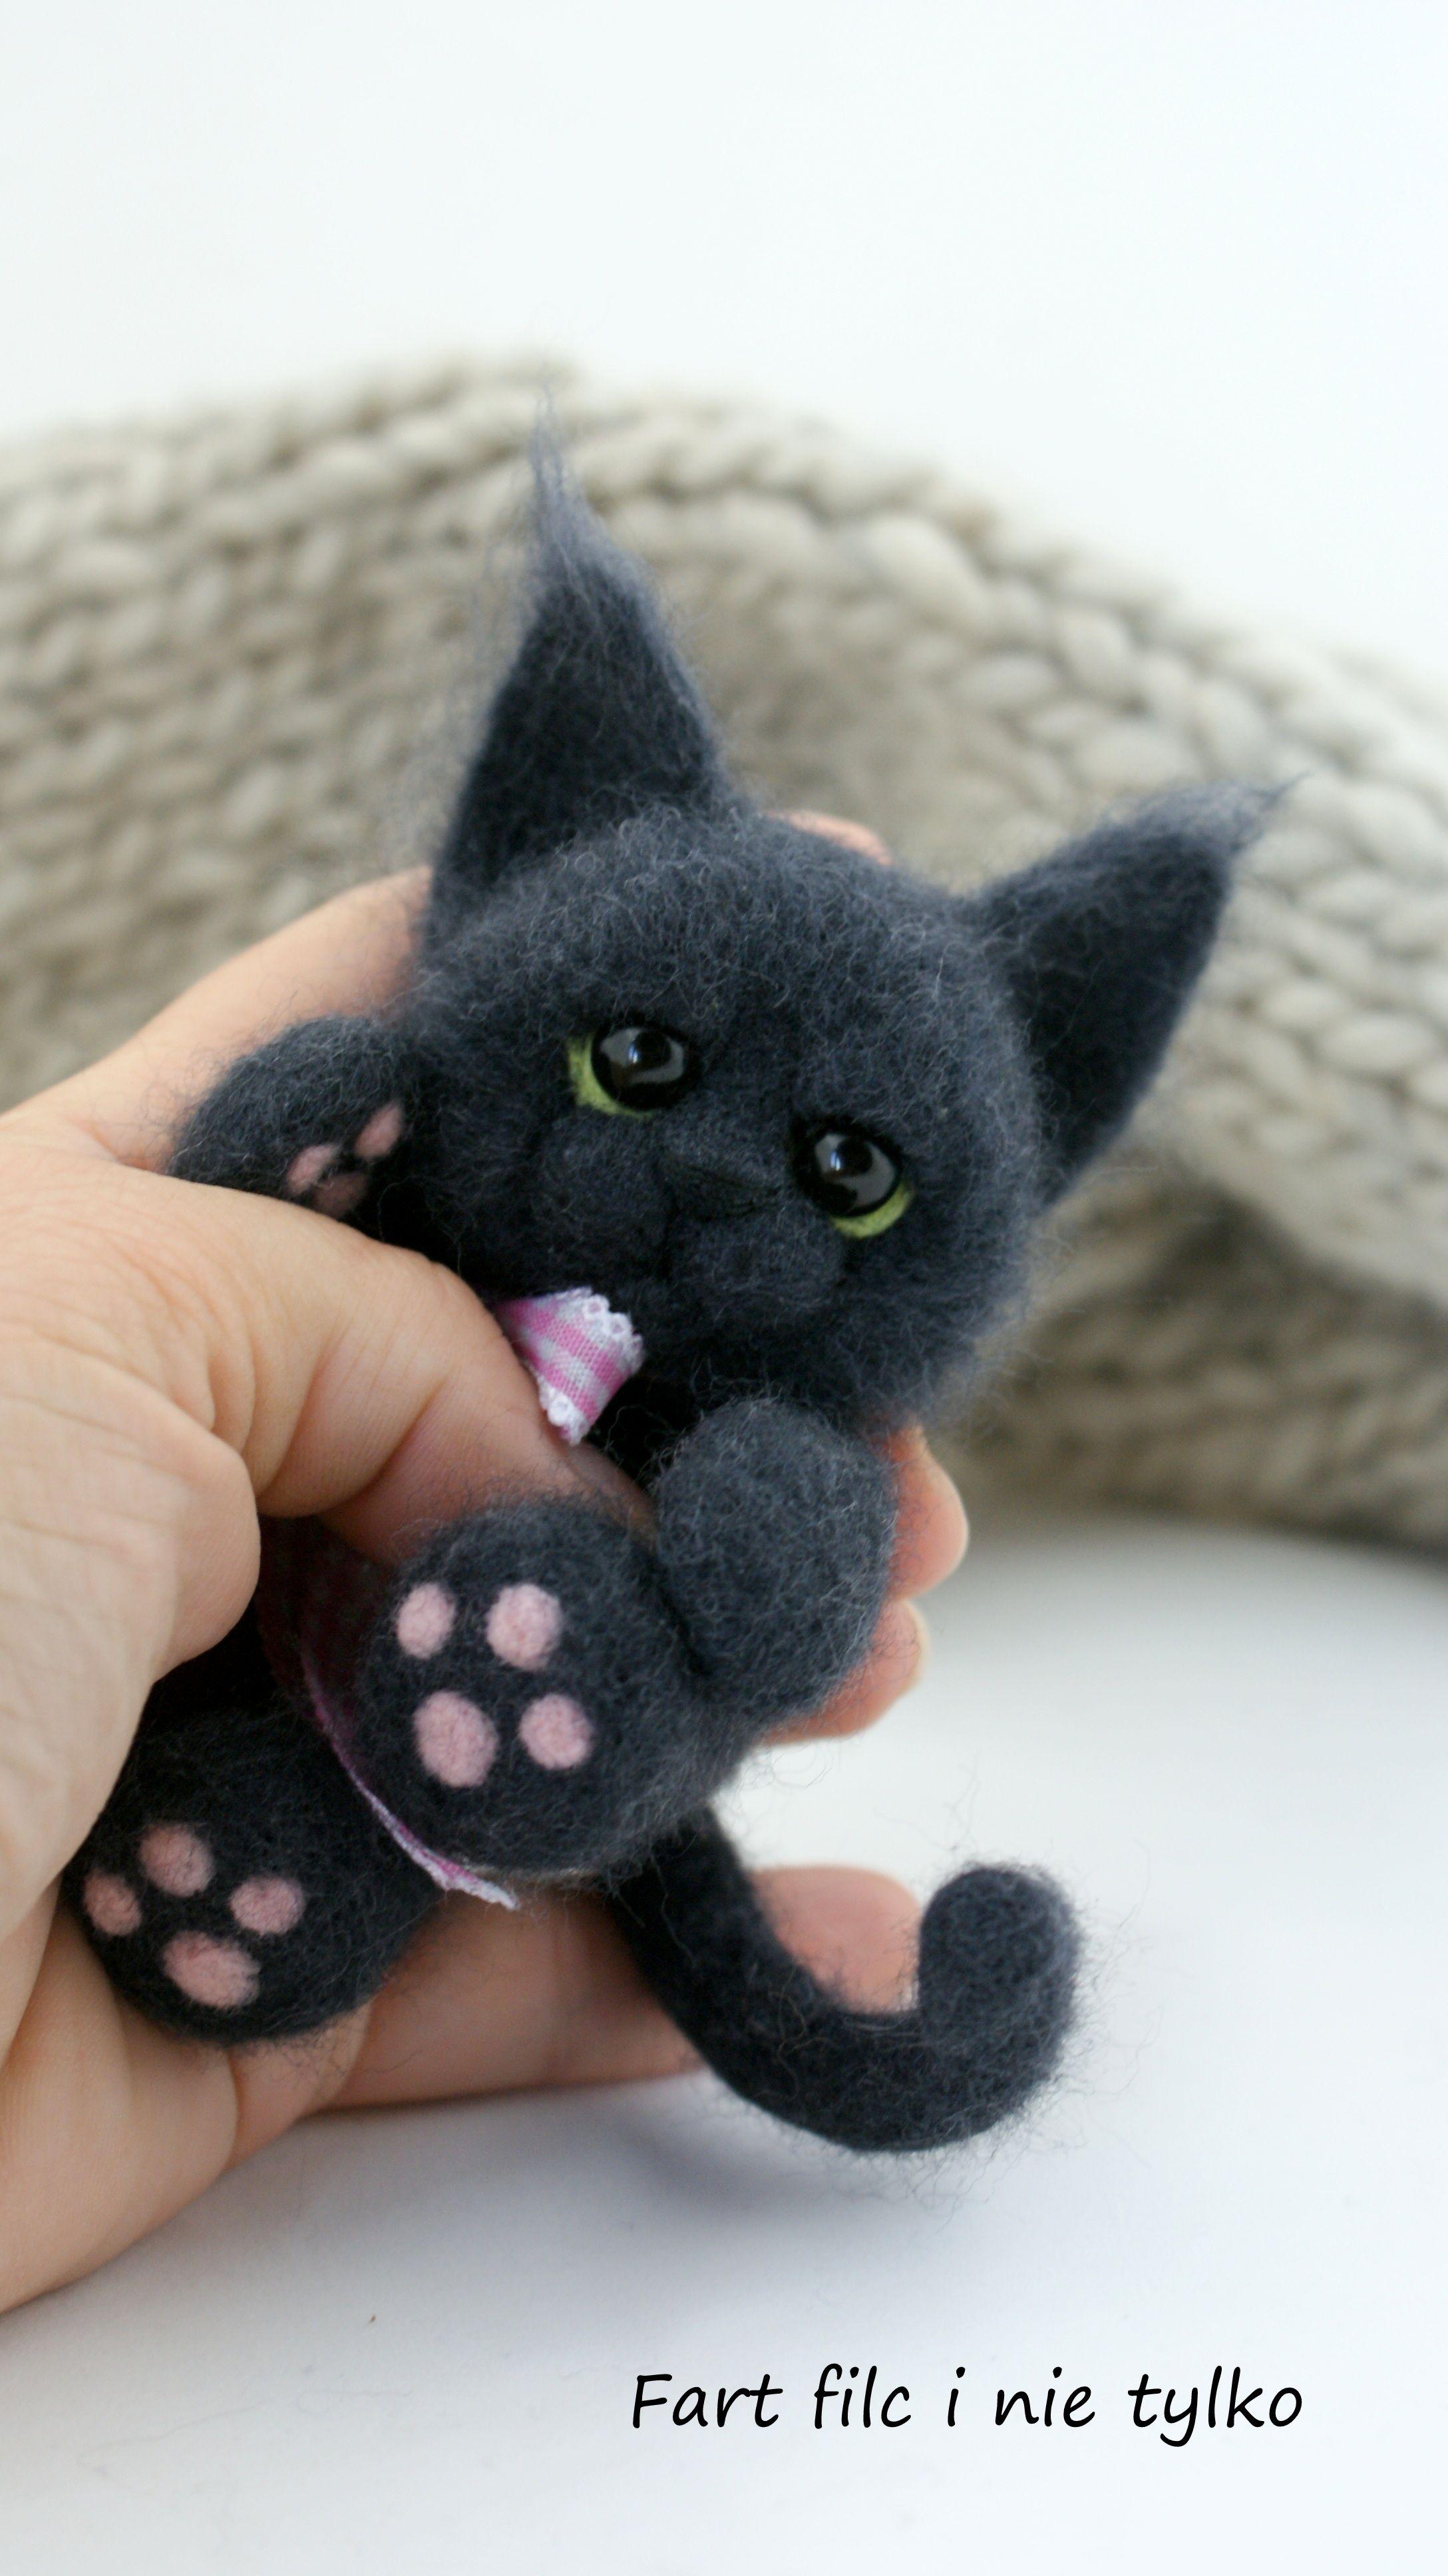 Czarny Kot Kot Cat Filc Polandhandmade Felt Ooak Teddybear